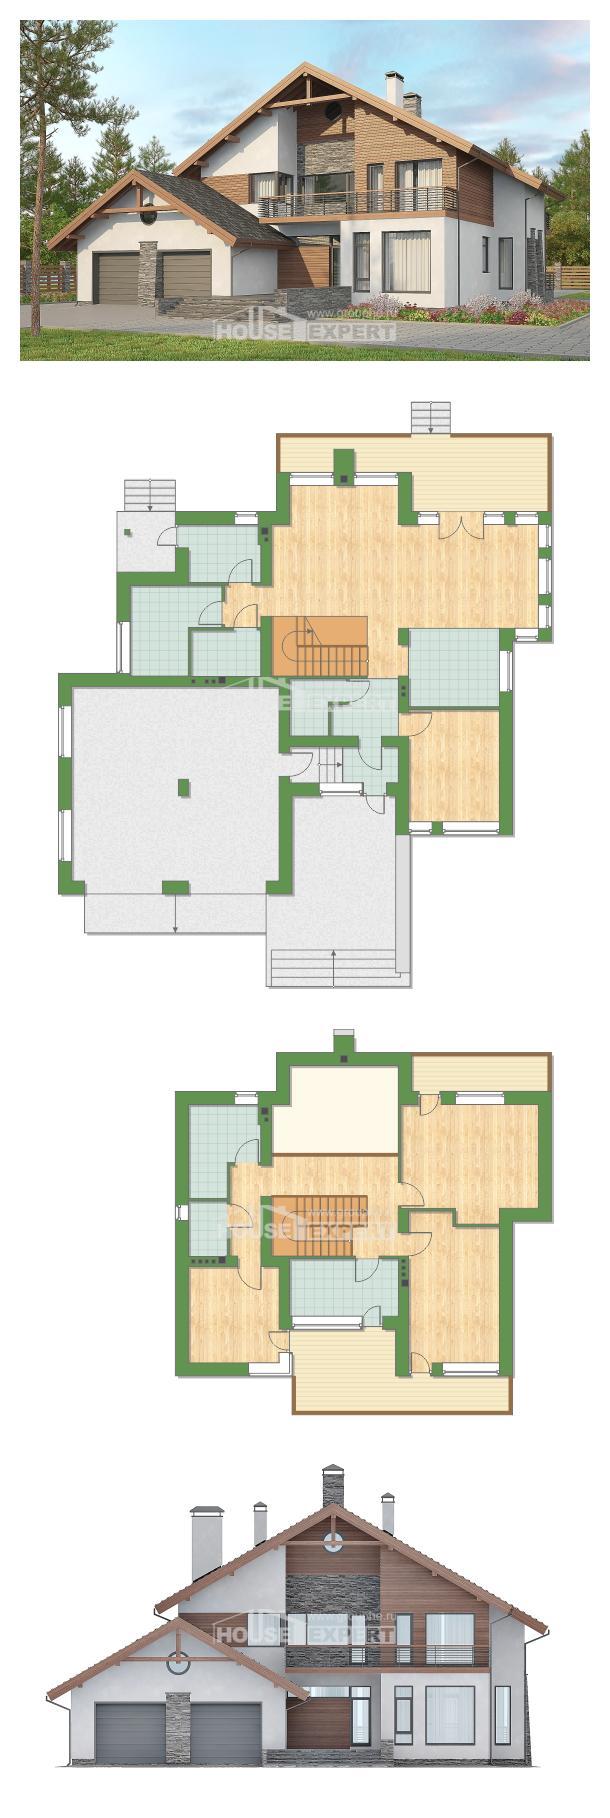 Проект на къща 270-003-L | House Expert